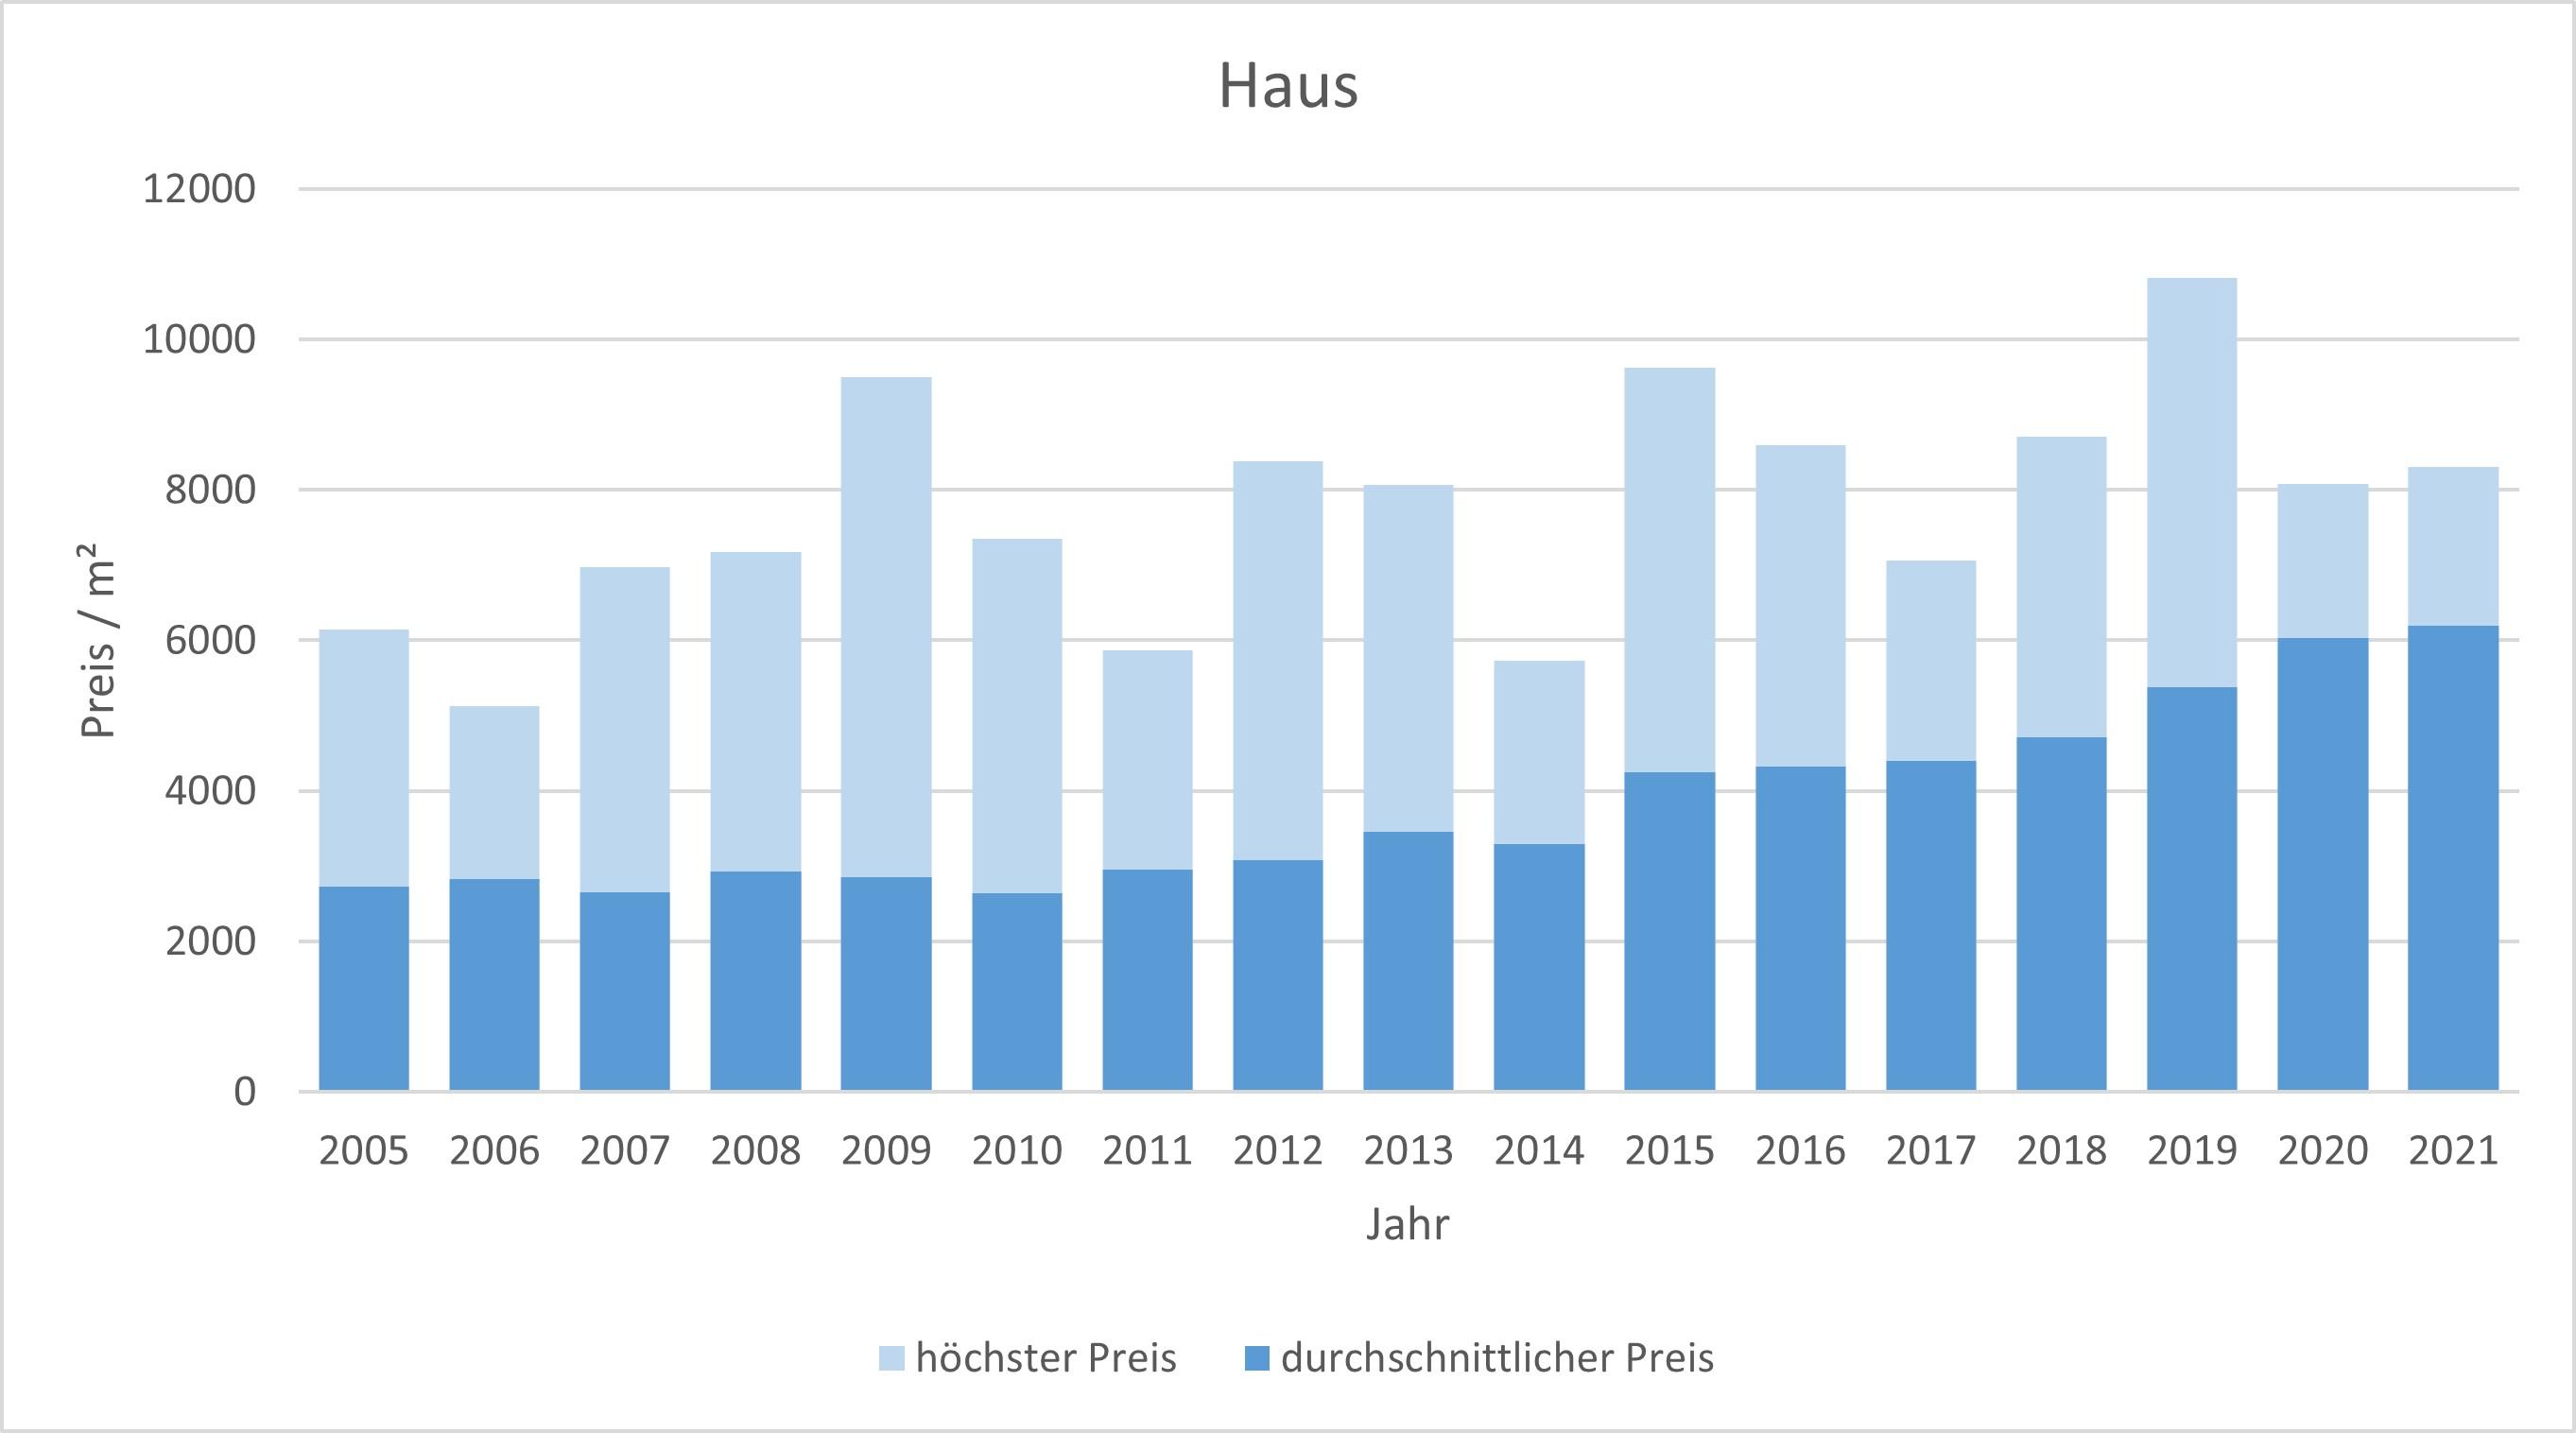 Bad Tölz Makler Haus Kaufen Verkaufen Preis Bewertung 2019, 2020, 2021